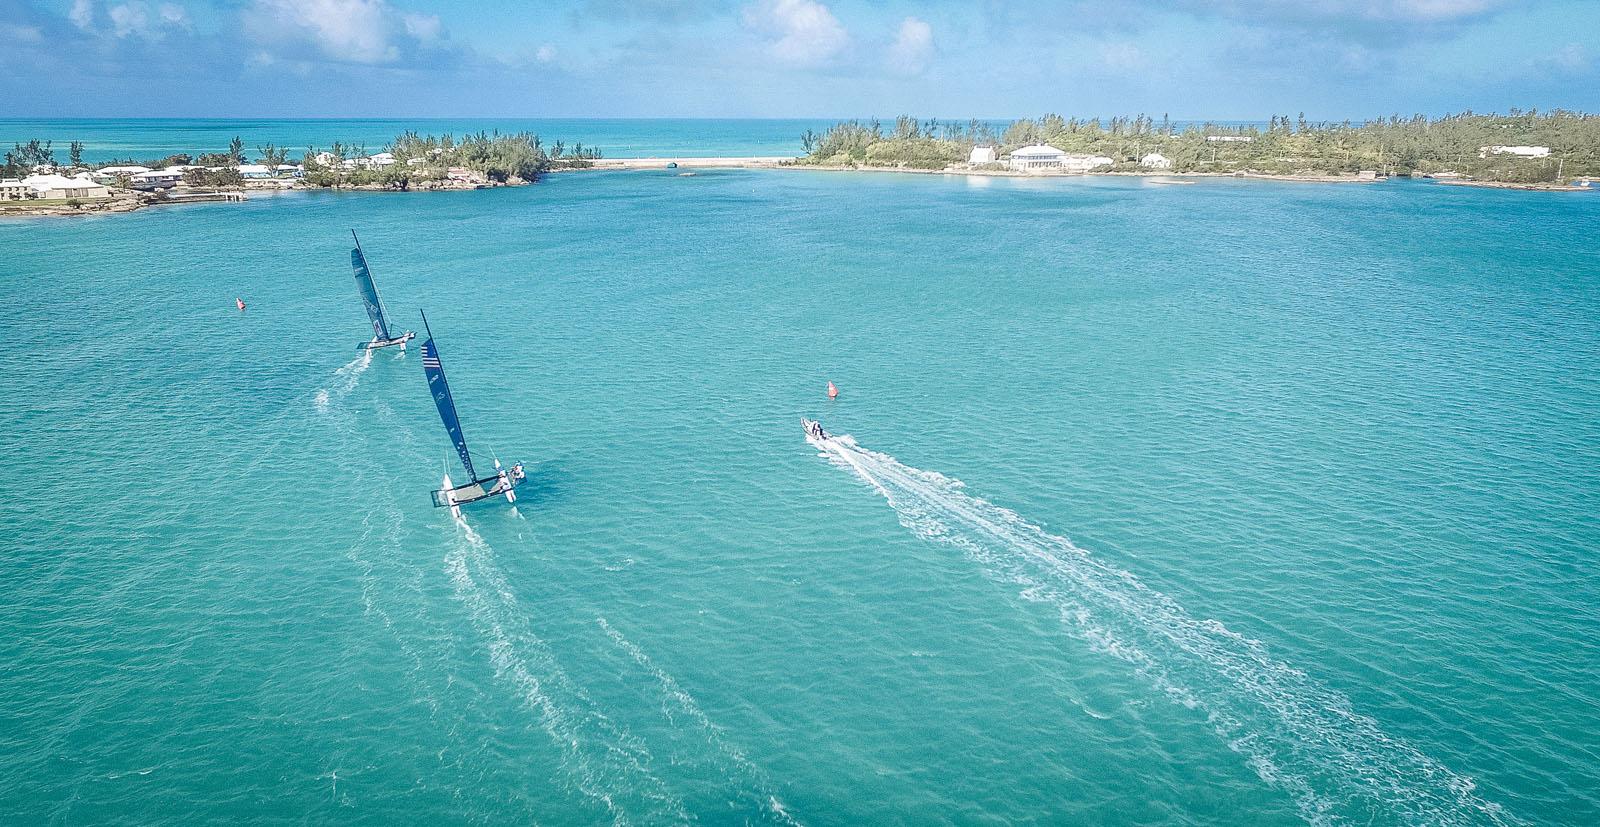 160109_M32_Bermuda_carlin_DJI_0014